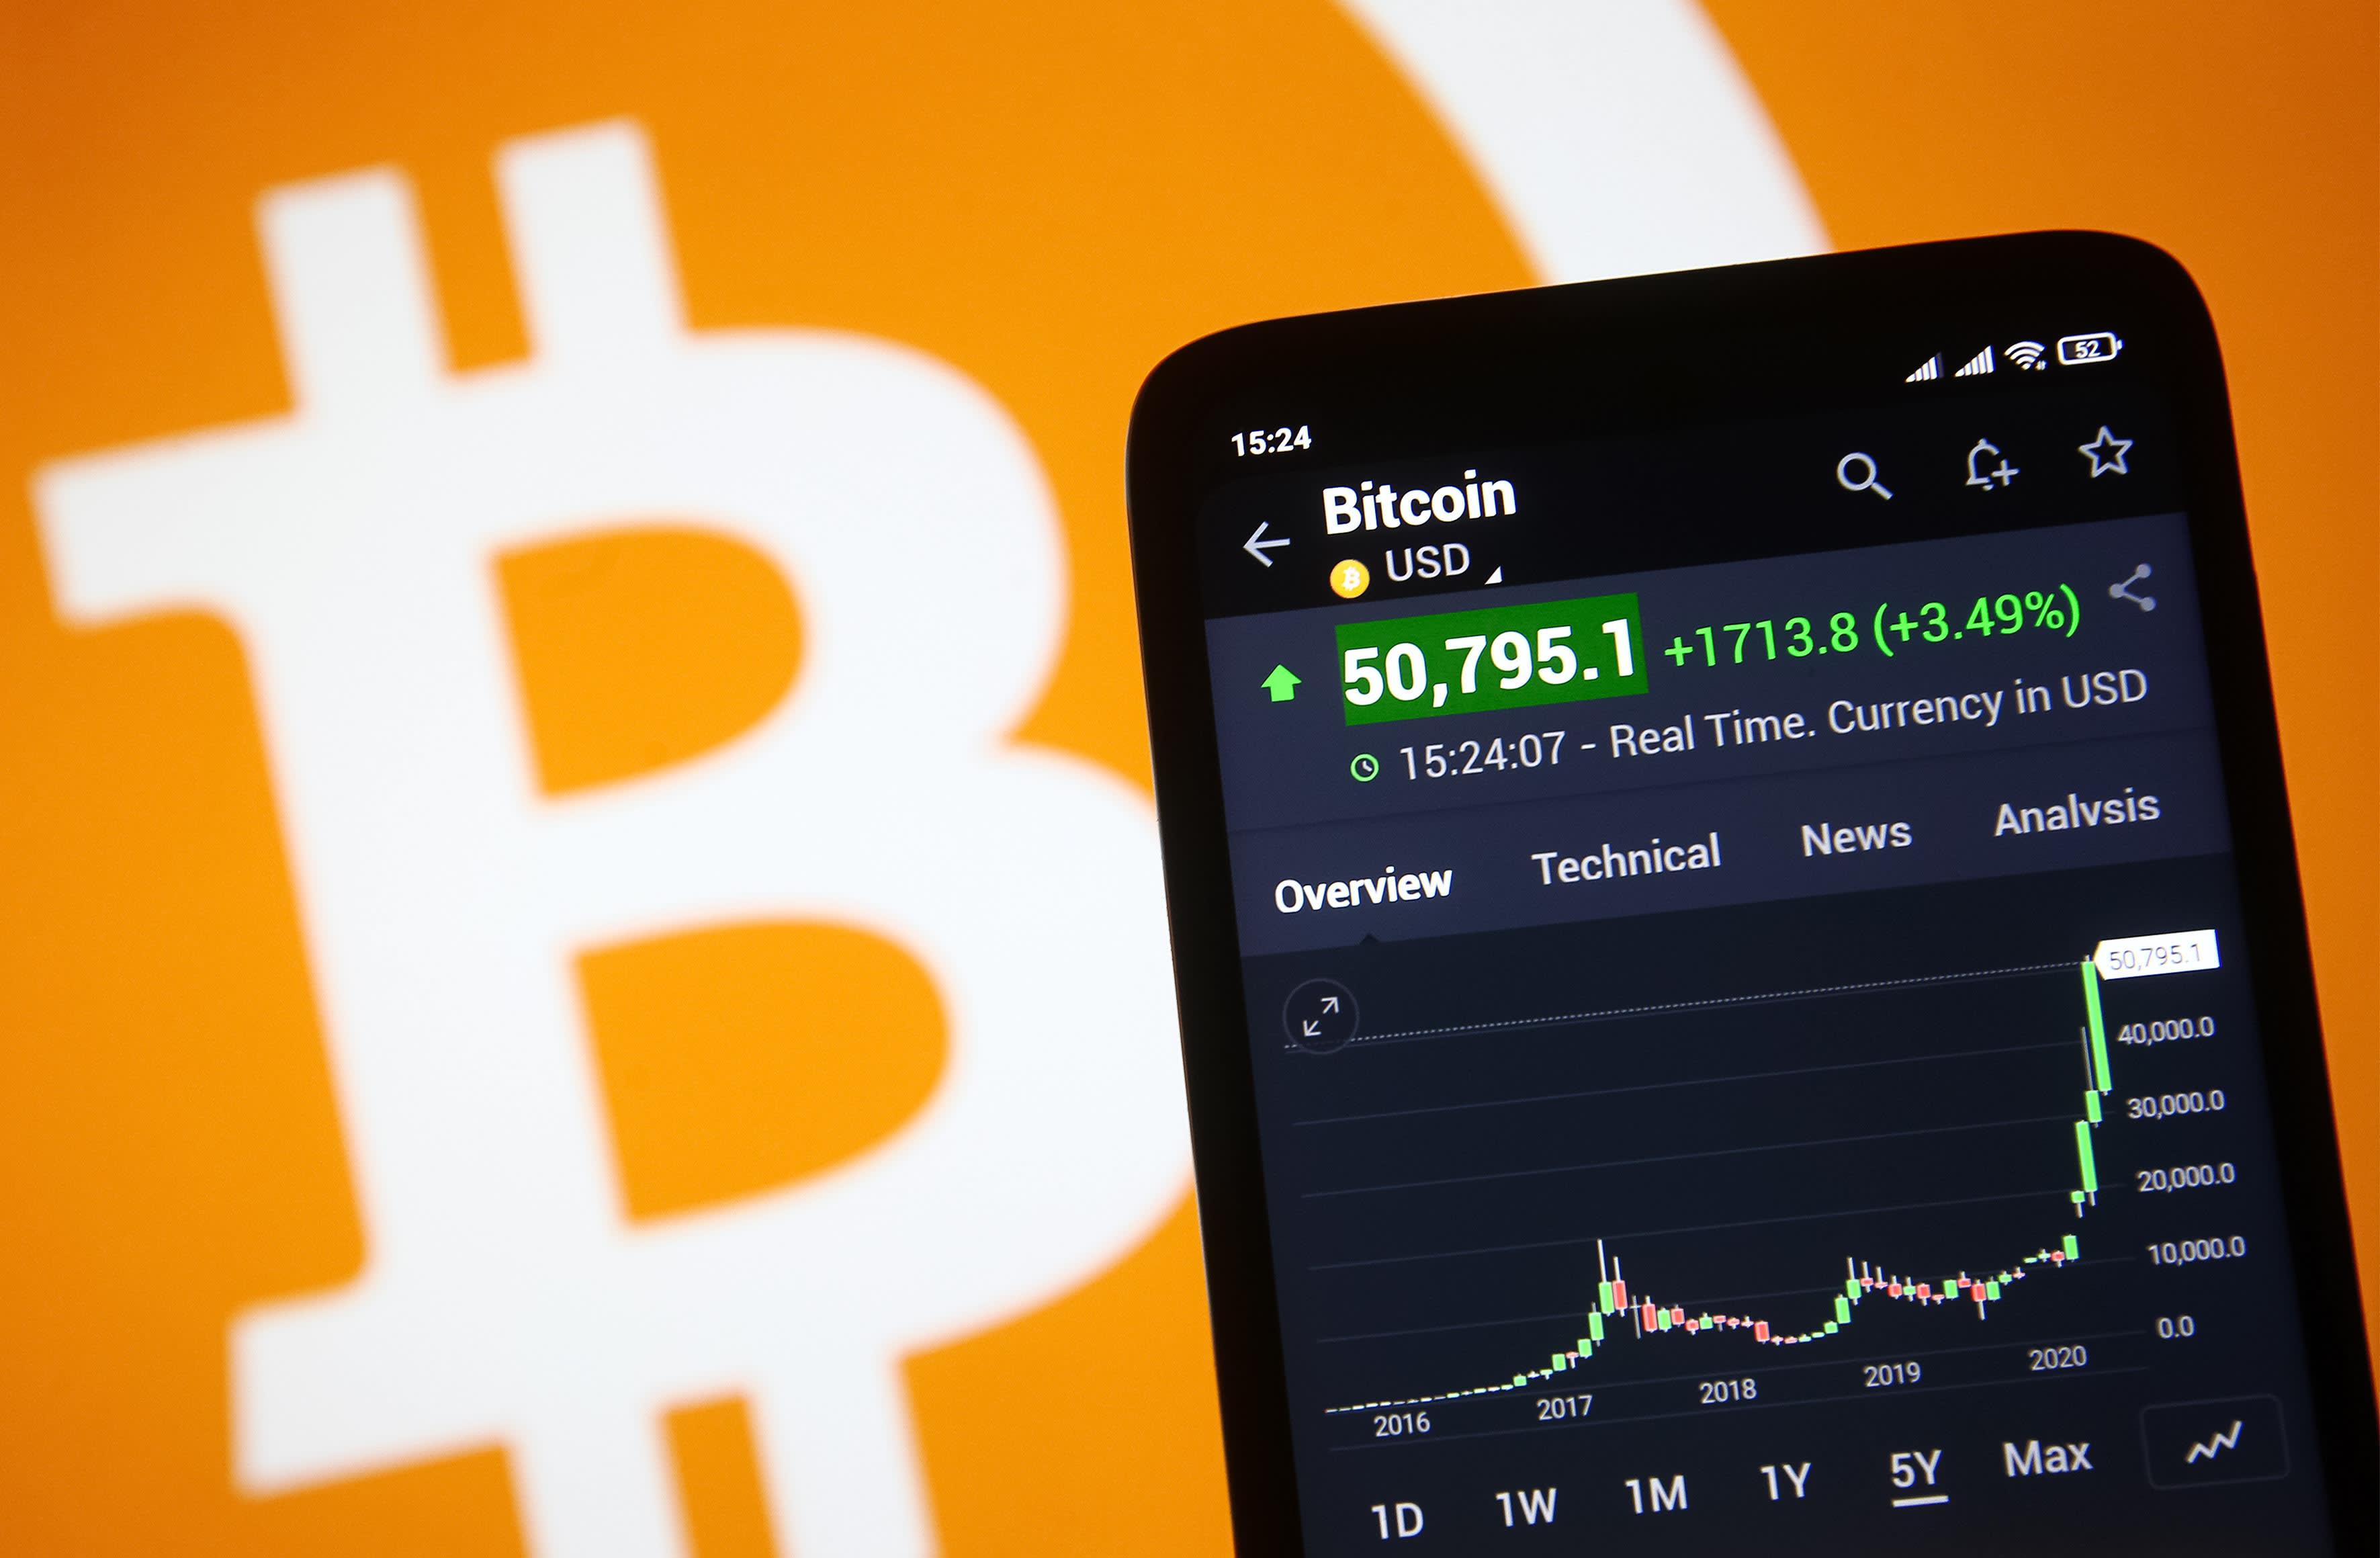 užstatas bitcoin skrill